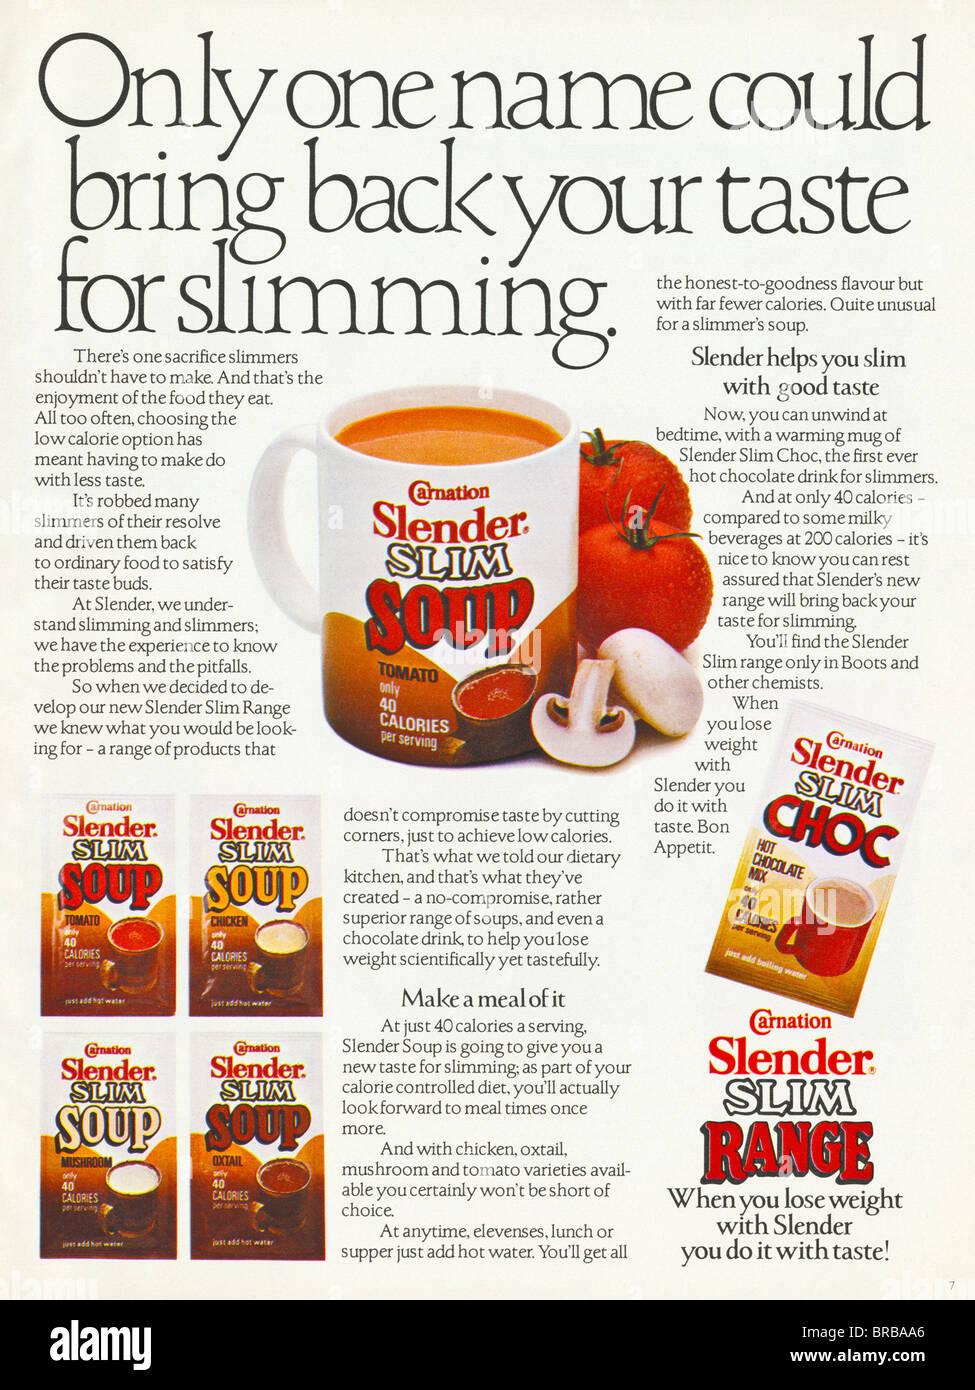 Colour Magazine Advertisement For Carnation Slender Slim Range Of ...